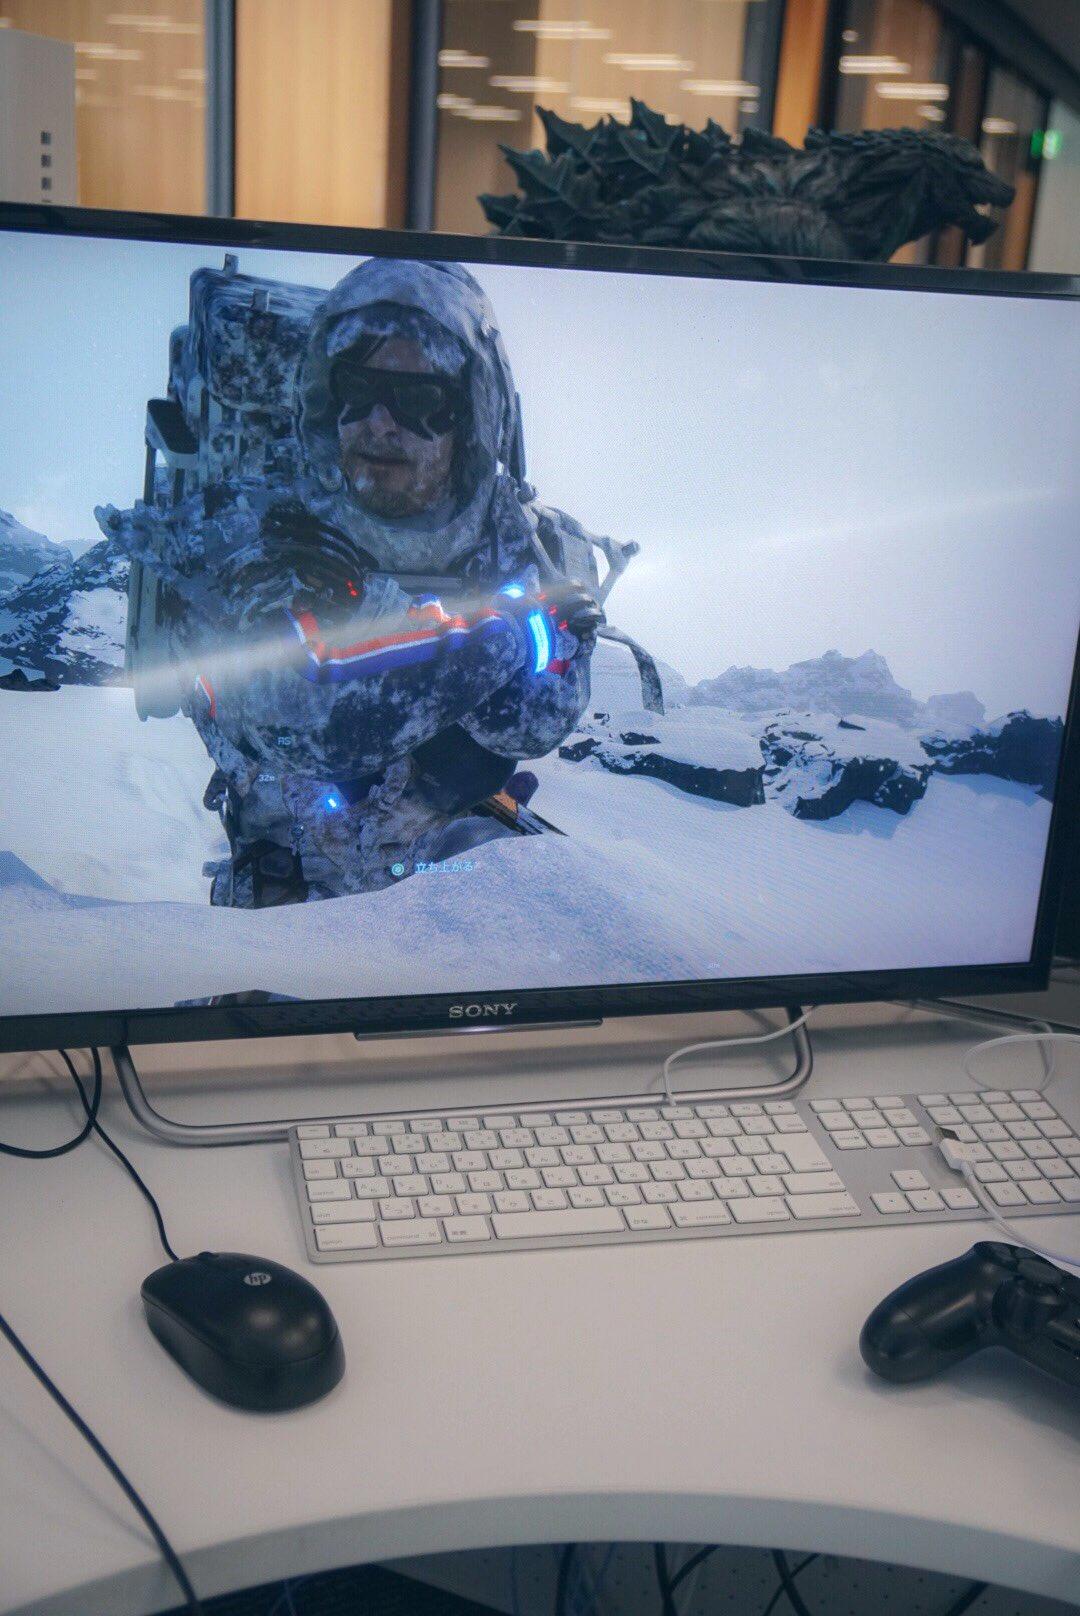 شخصیت اصلی بازی Death Stranding این بار در برف فرو میرود